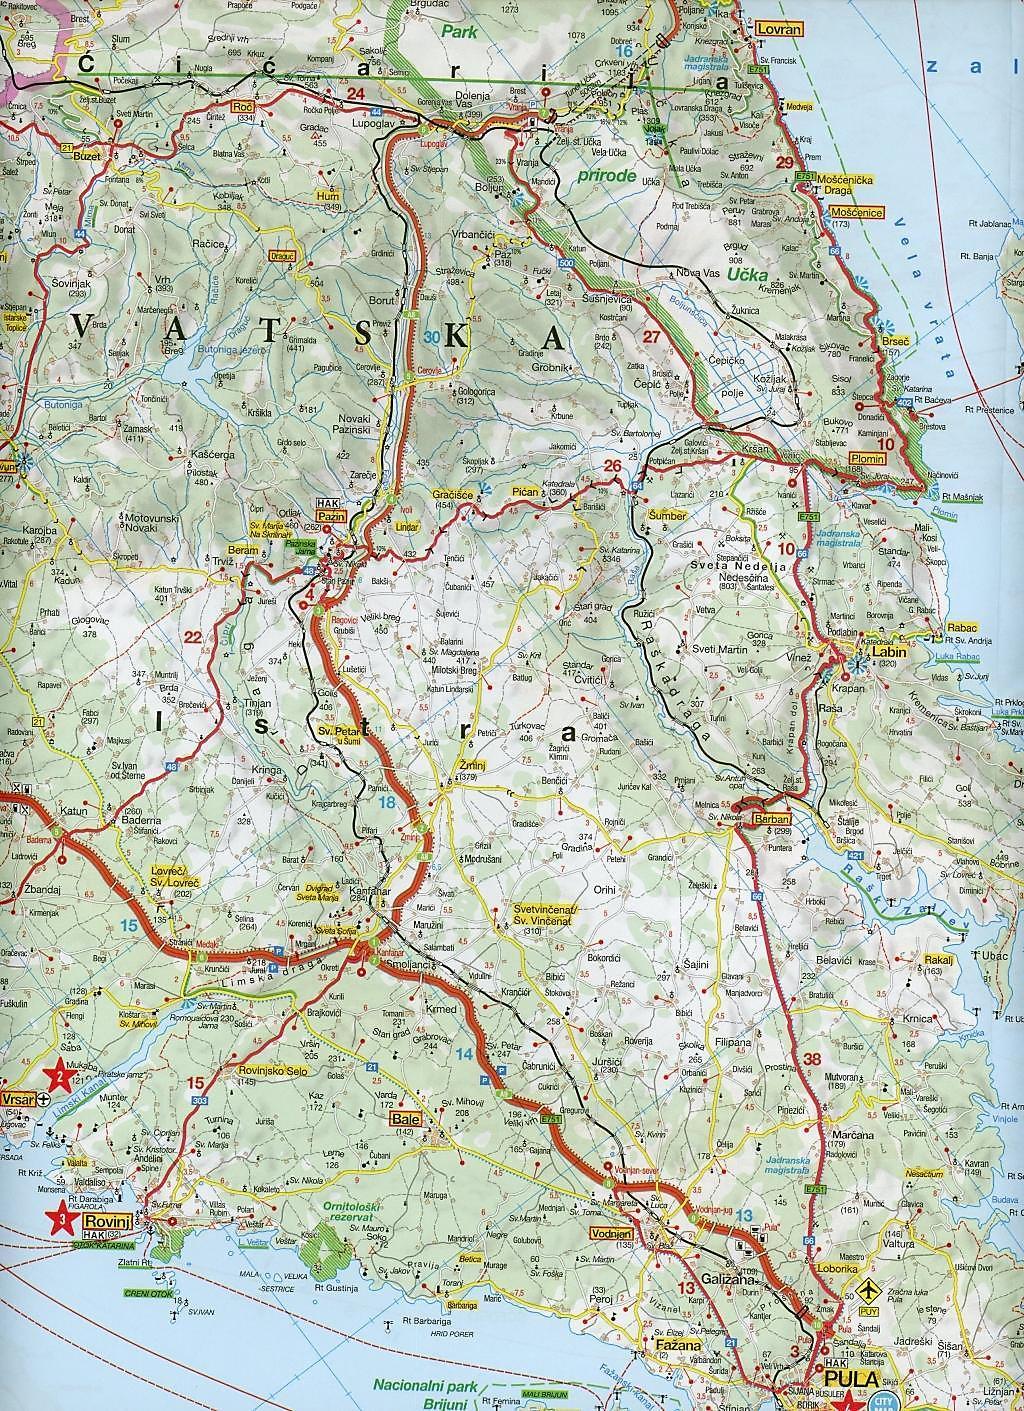 Istrien Karte Zum Ausdrucken.Marco Polo Karte Istrien Kroatische Kuste Nord Und Mitte 1